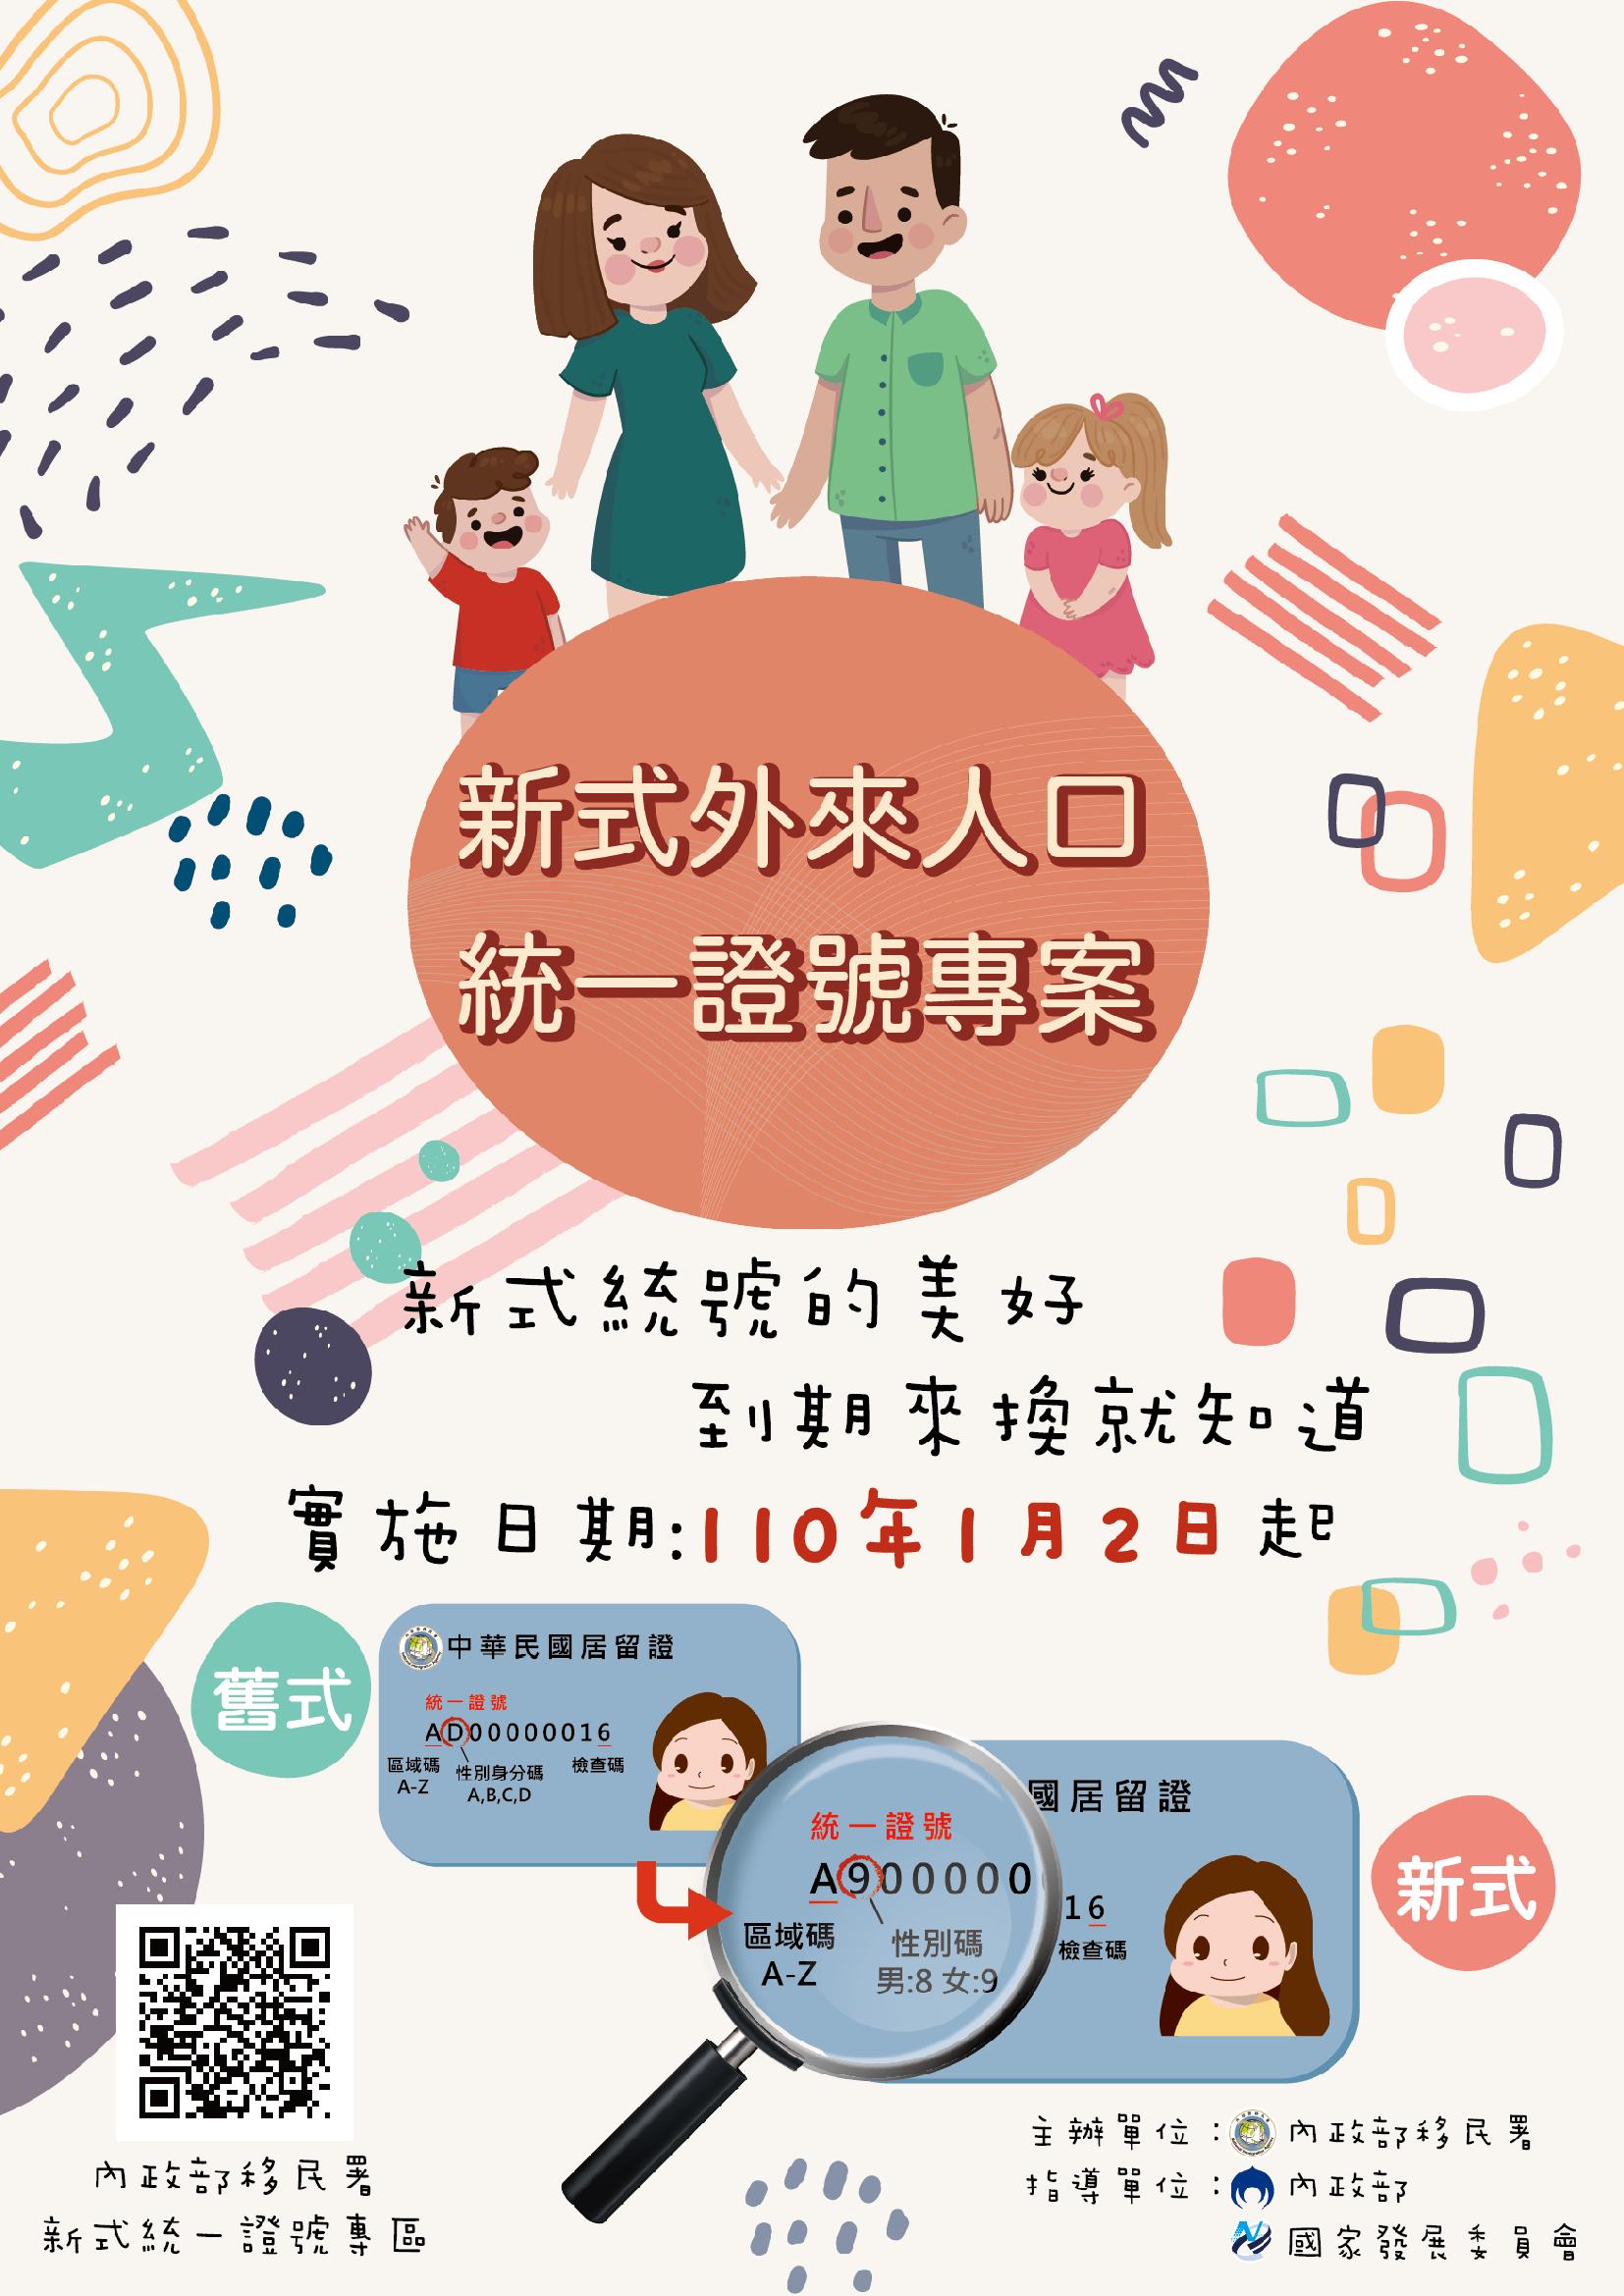 新式外來人口統一證號專案宣傳海報